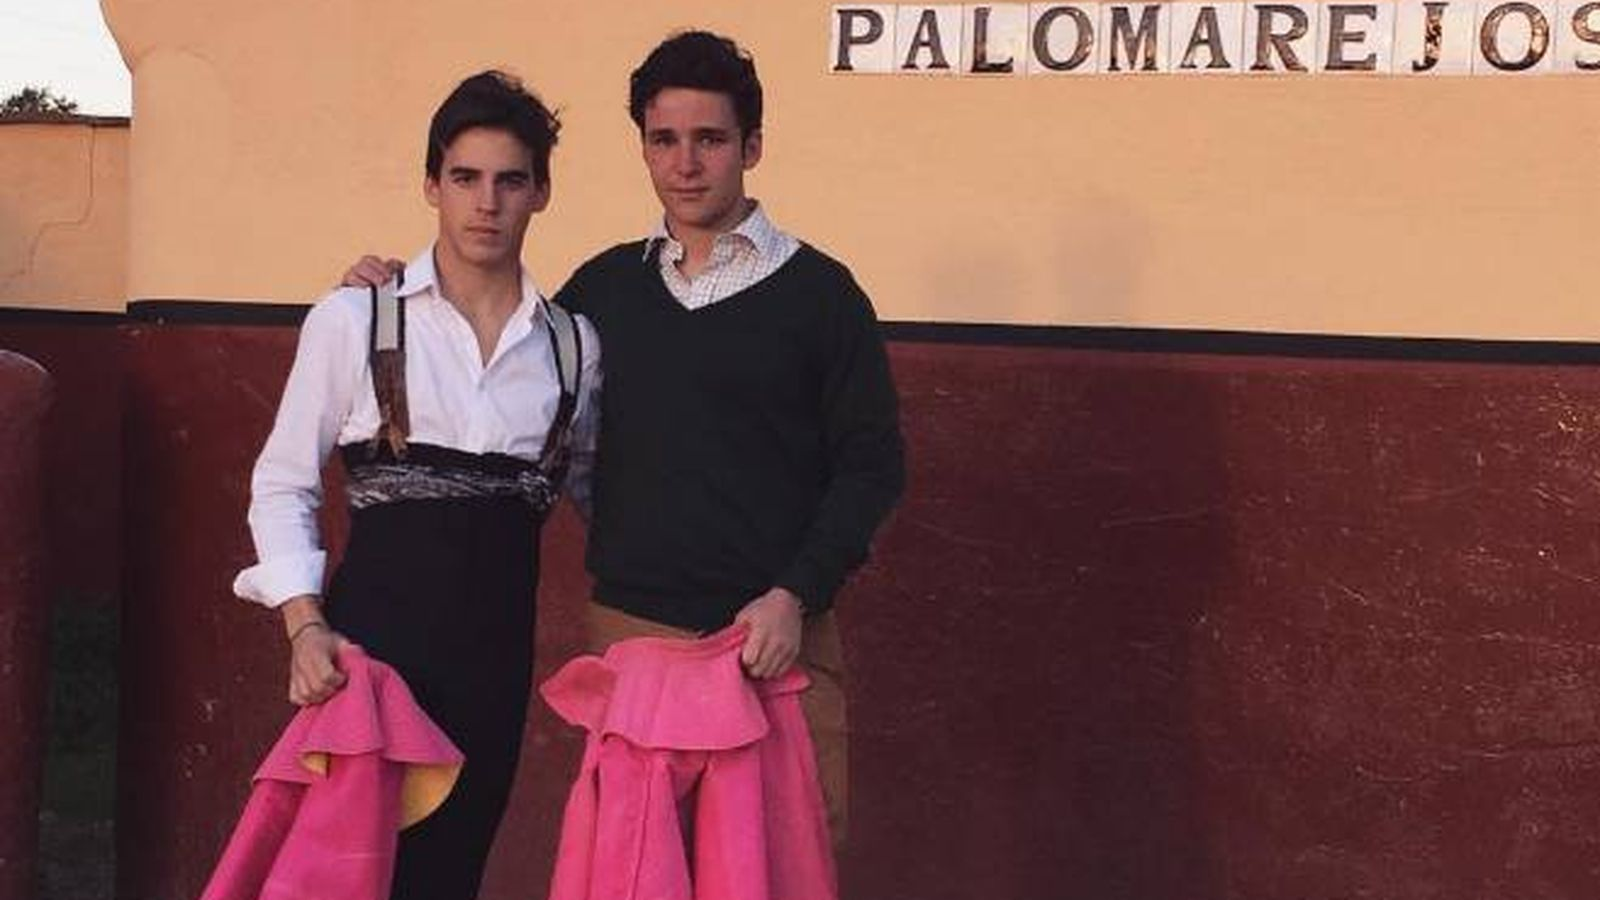 Foto: Froilán tras torear con su amigo (Instagram)